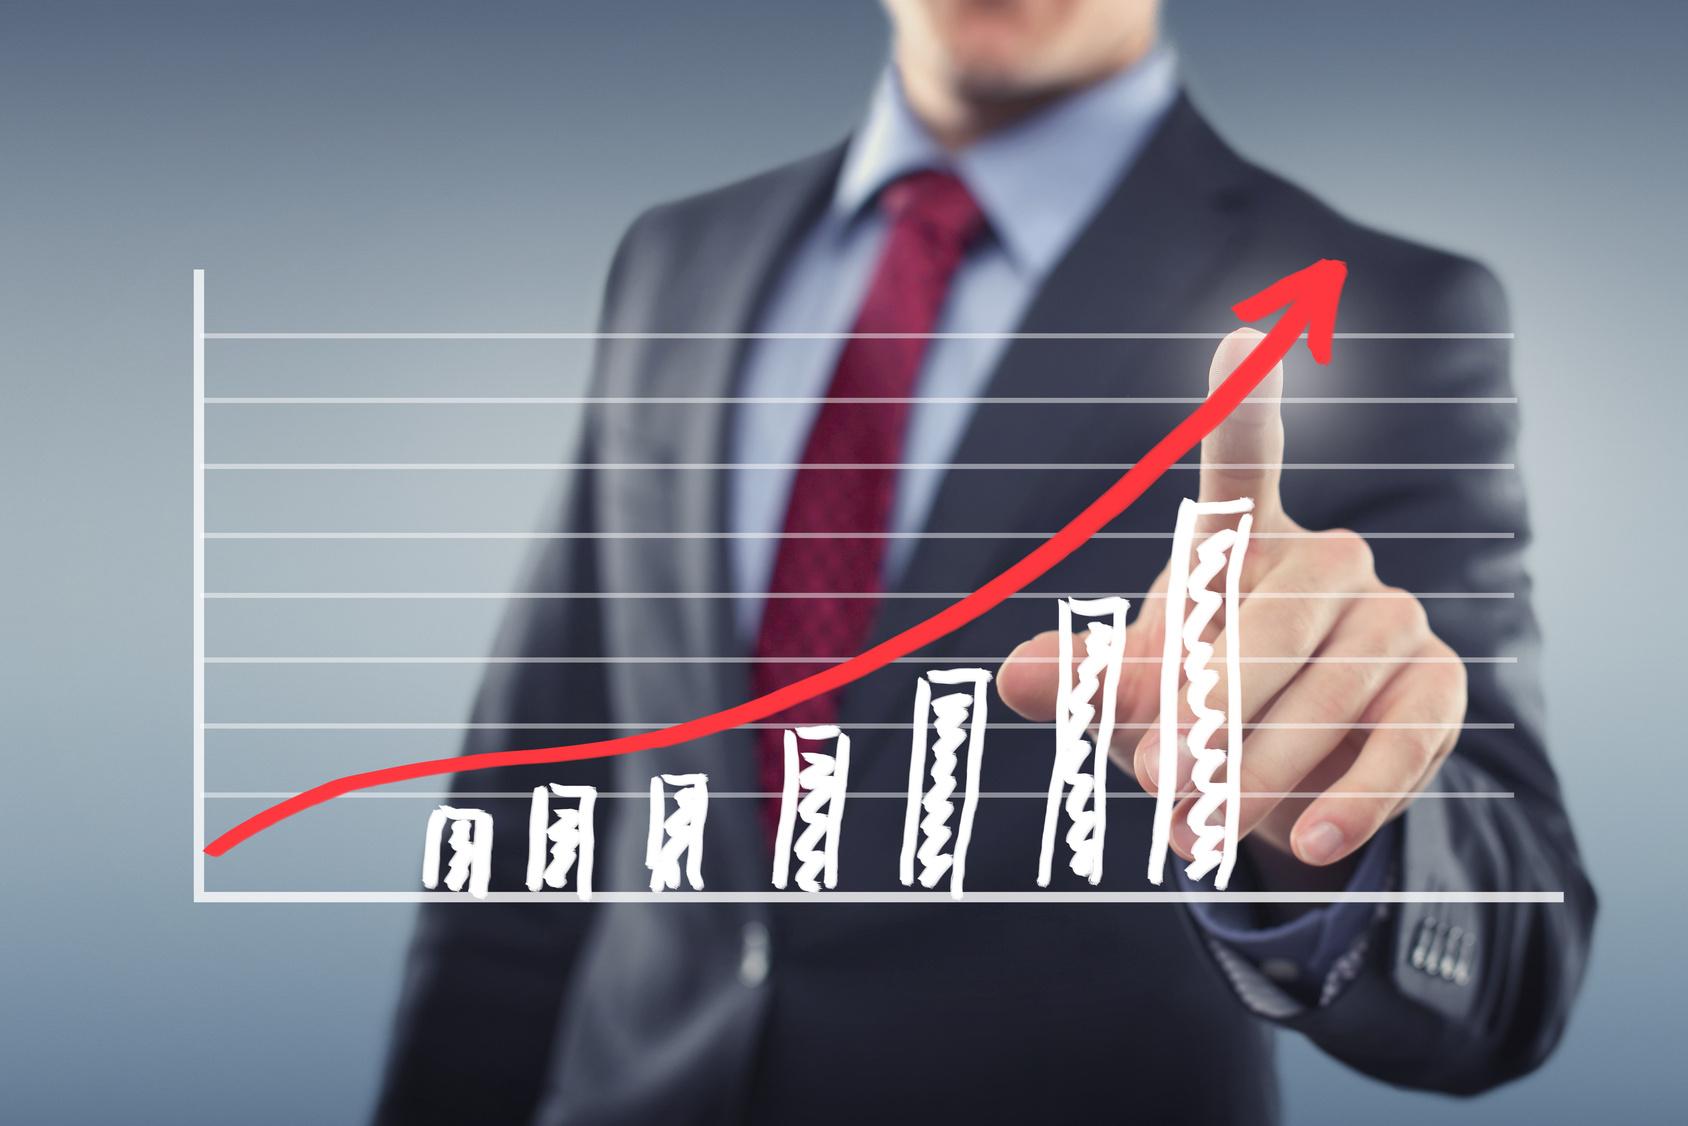 Assoreti: ad ottobre raccolta netta più che raddoppiata. Assicurazioni trainano la crescita